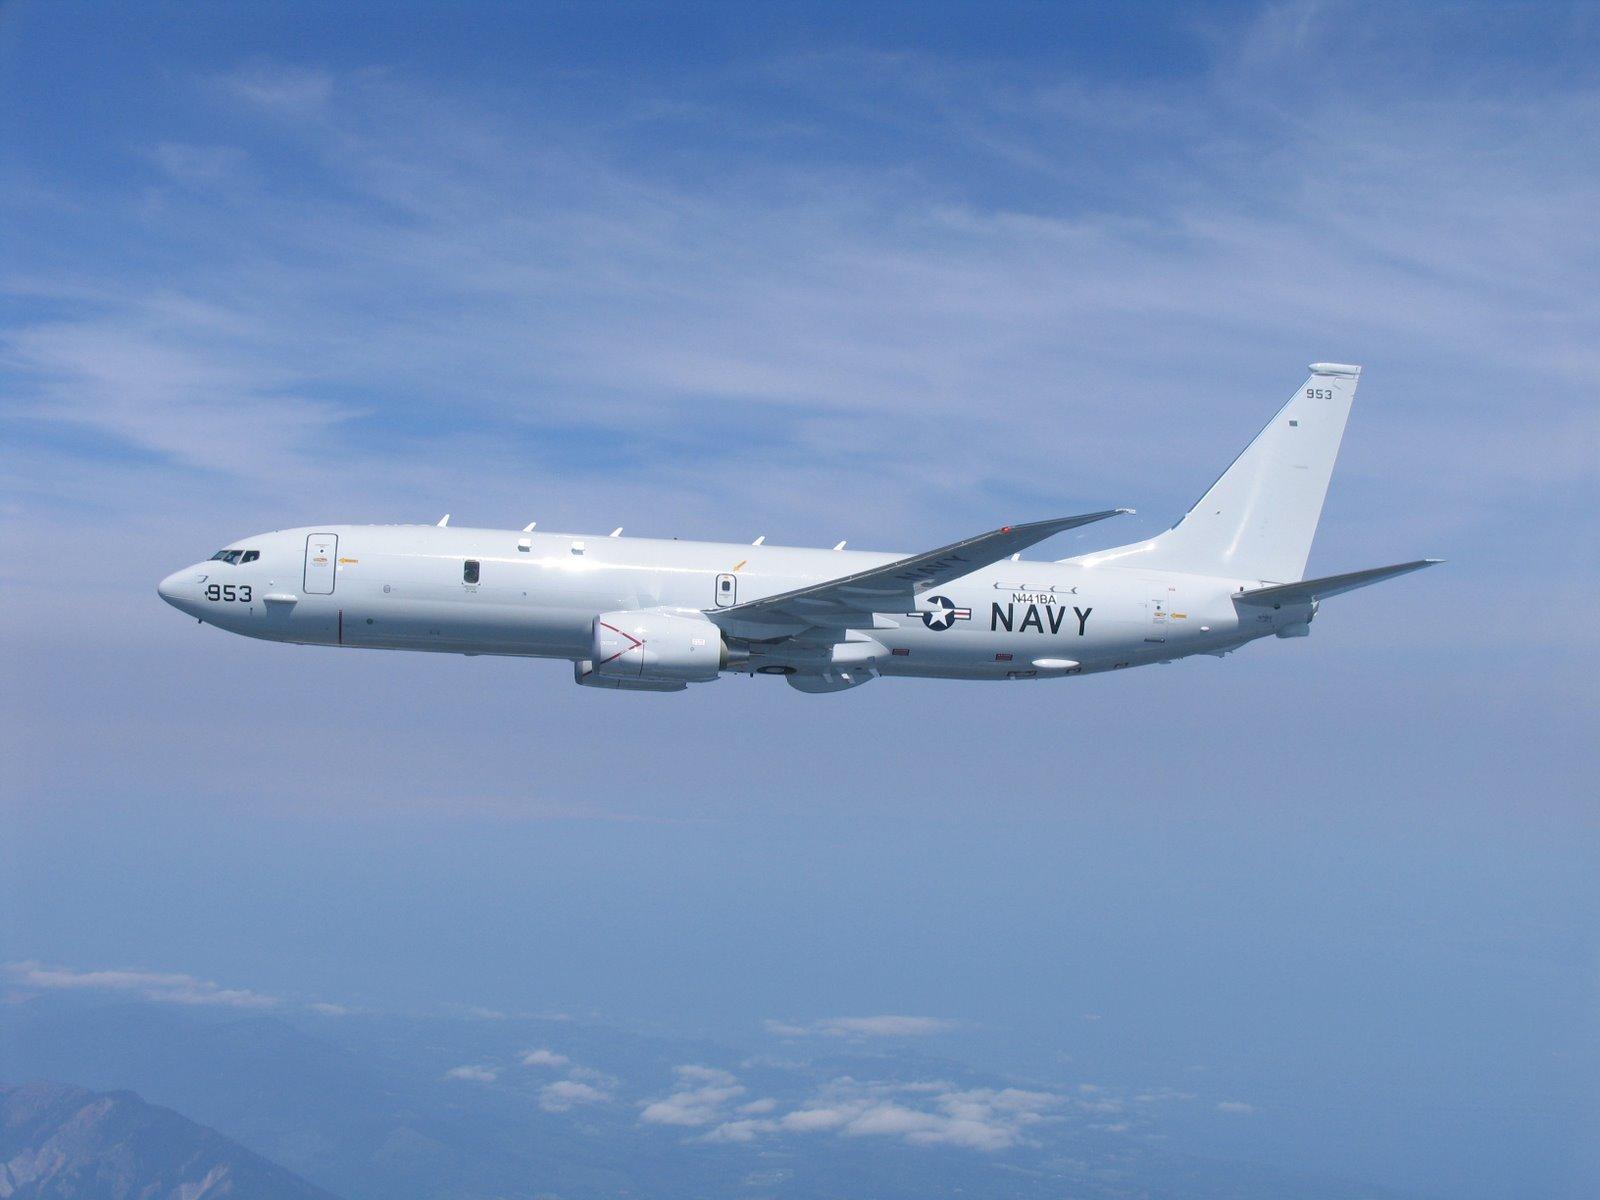 Патрульный самолёт P-8A Poseidon http://www.vp4association.com/aircraft-information-2/boeing-p-8-poseidon/ - США и Австралия разделят вторую поставку самолётов P-8A Poseidon | Военно-исторический портал Warspot.ru